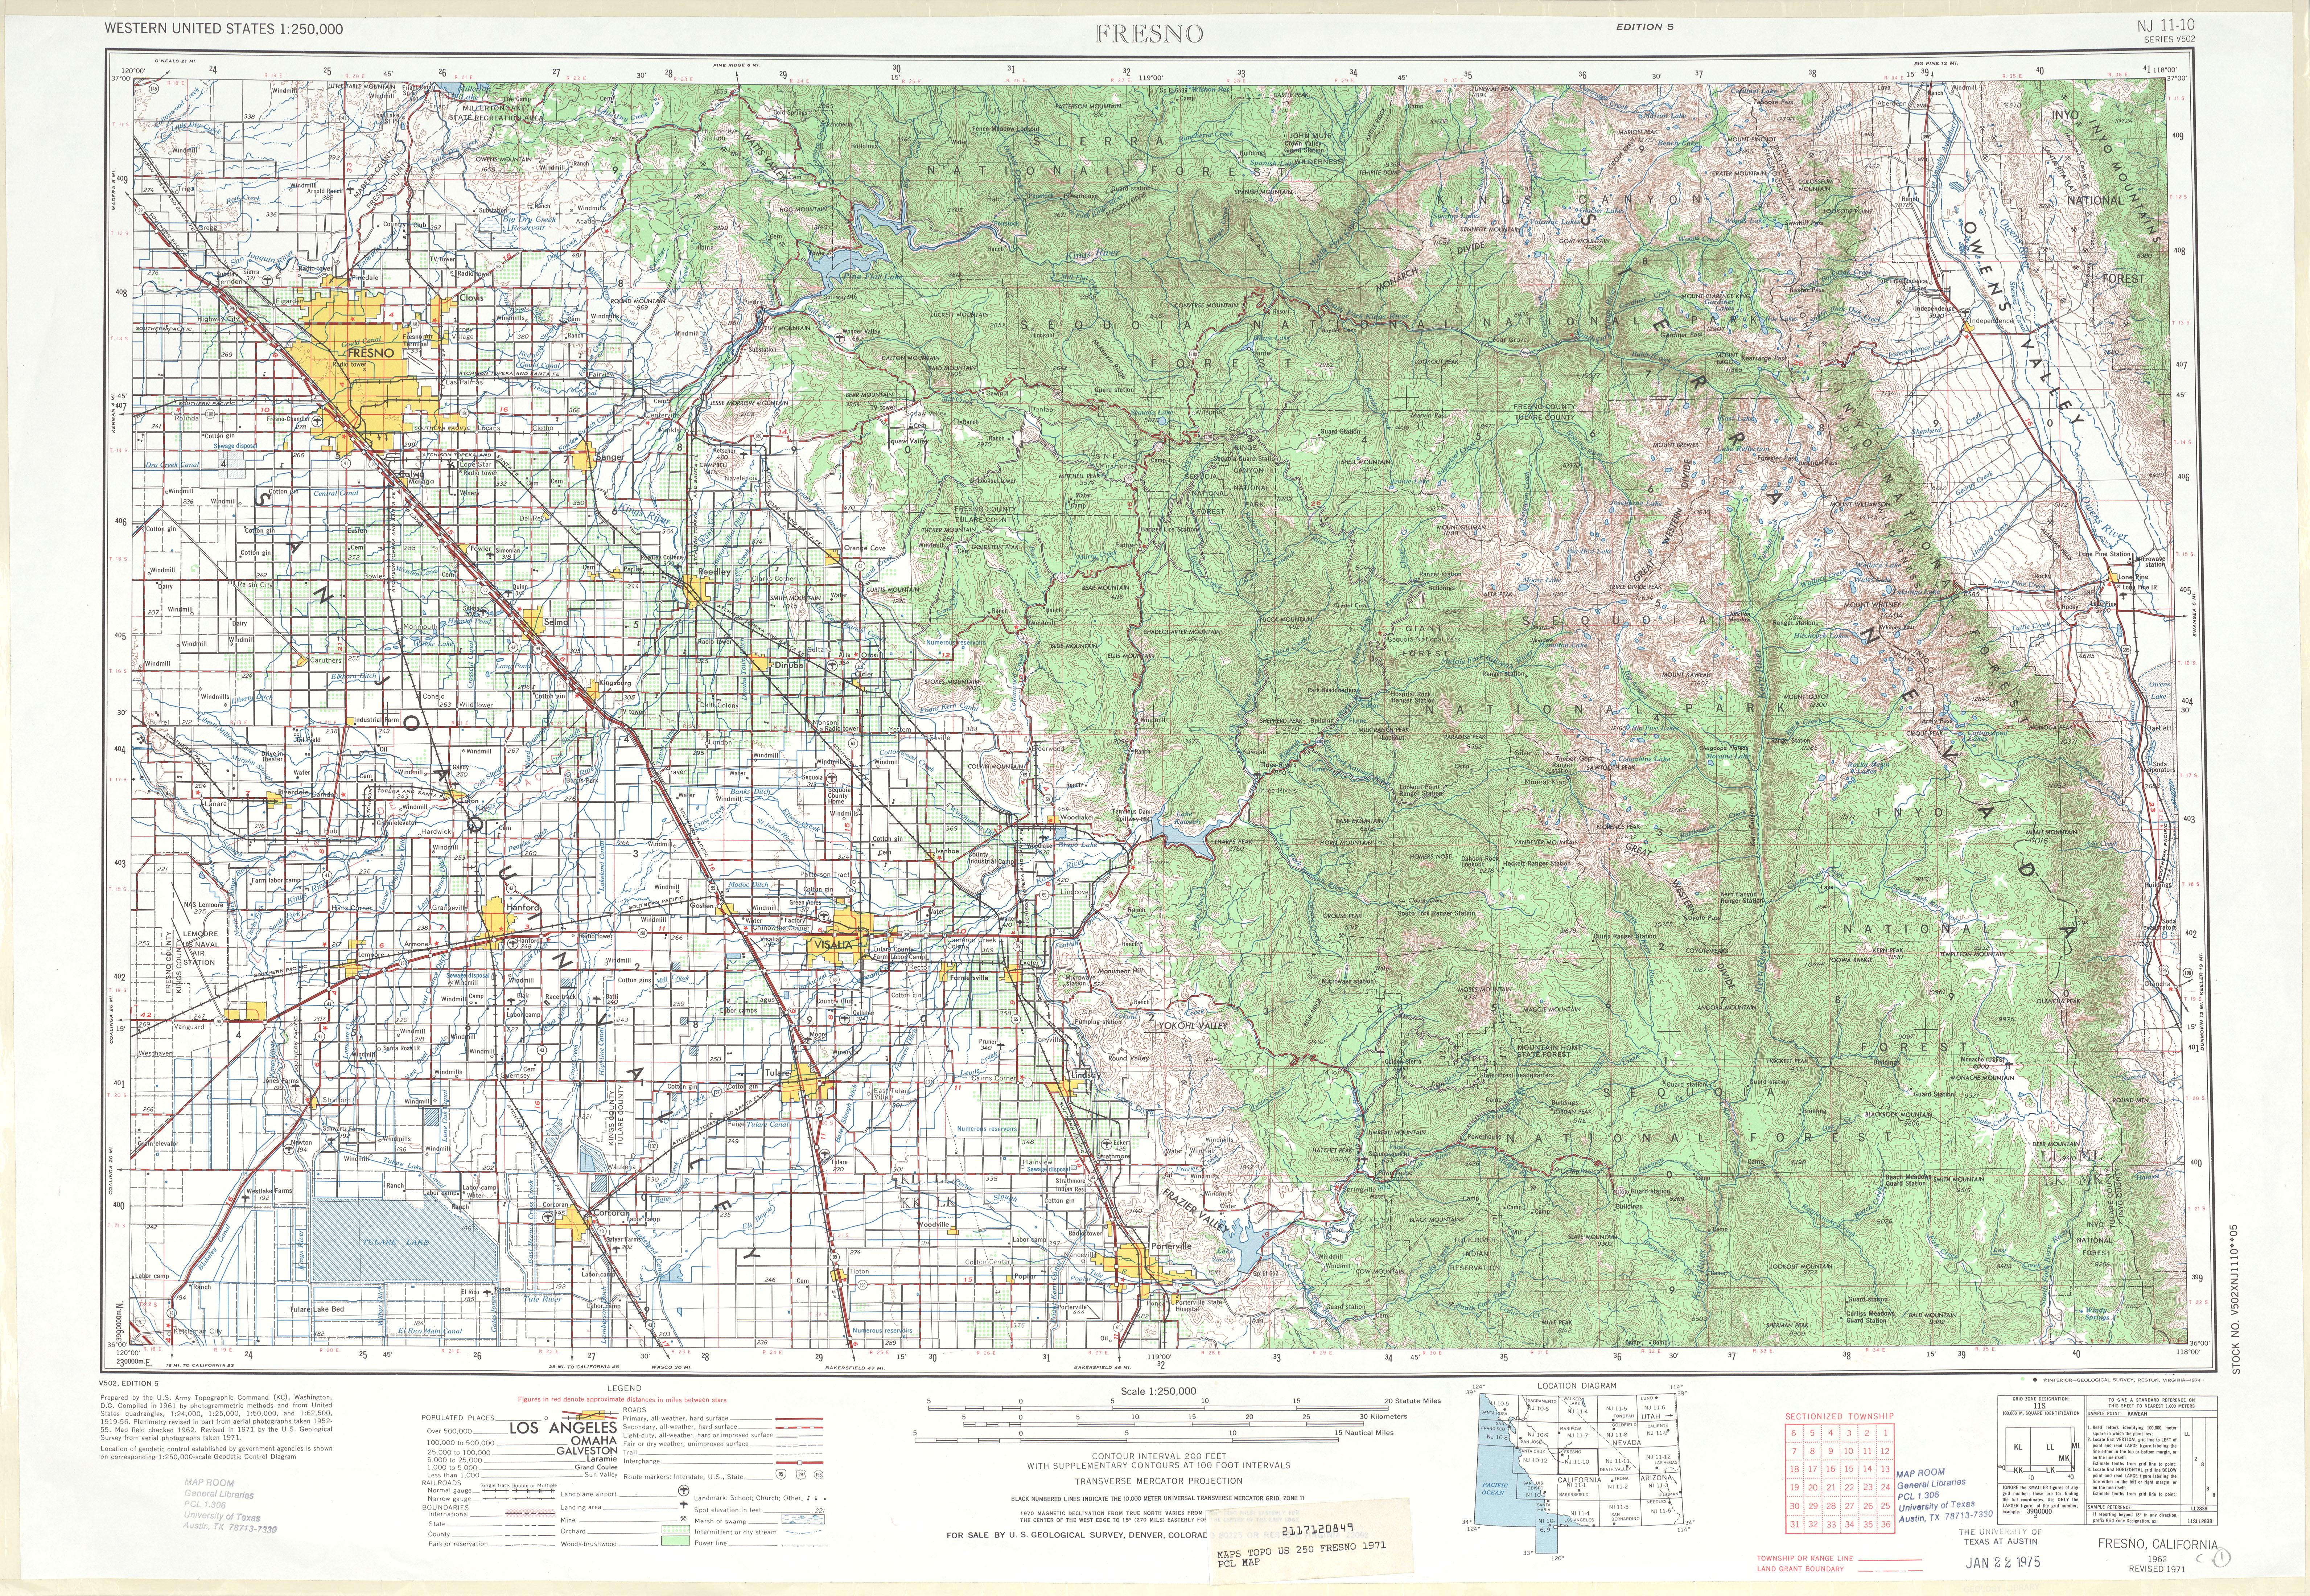 Hoja Fresno del Mapa Topográfico de los Estados Unidos 1971